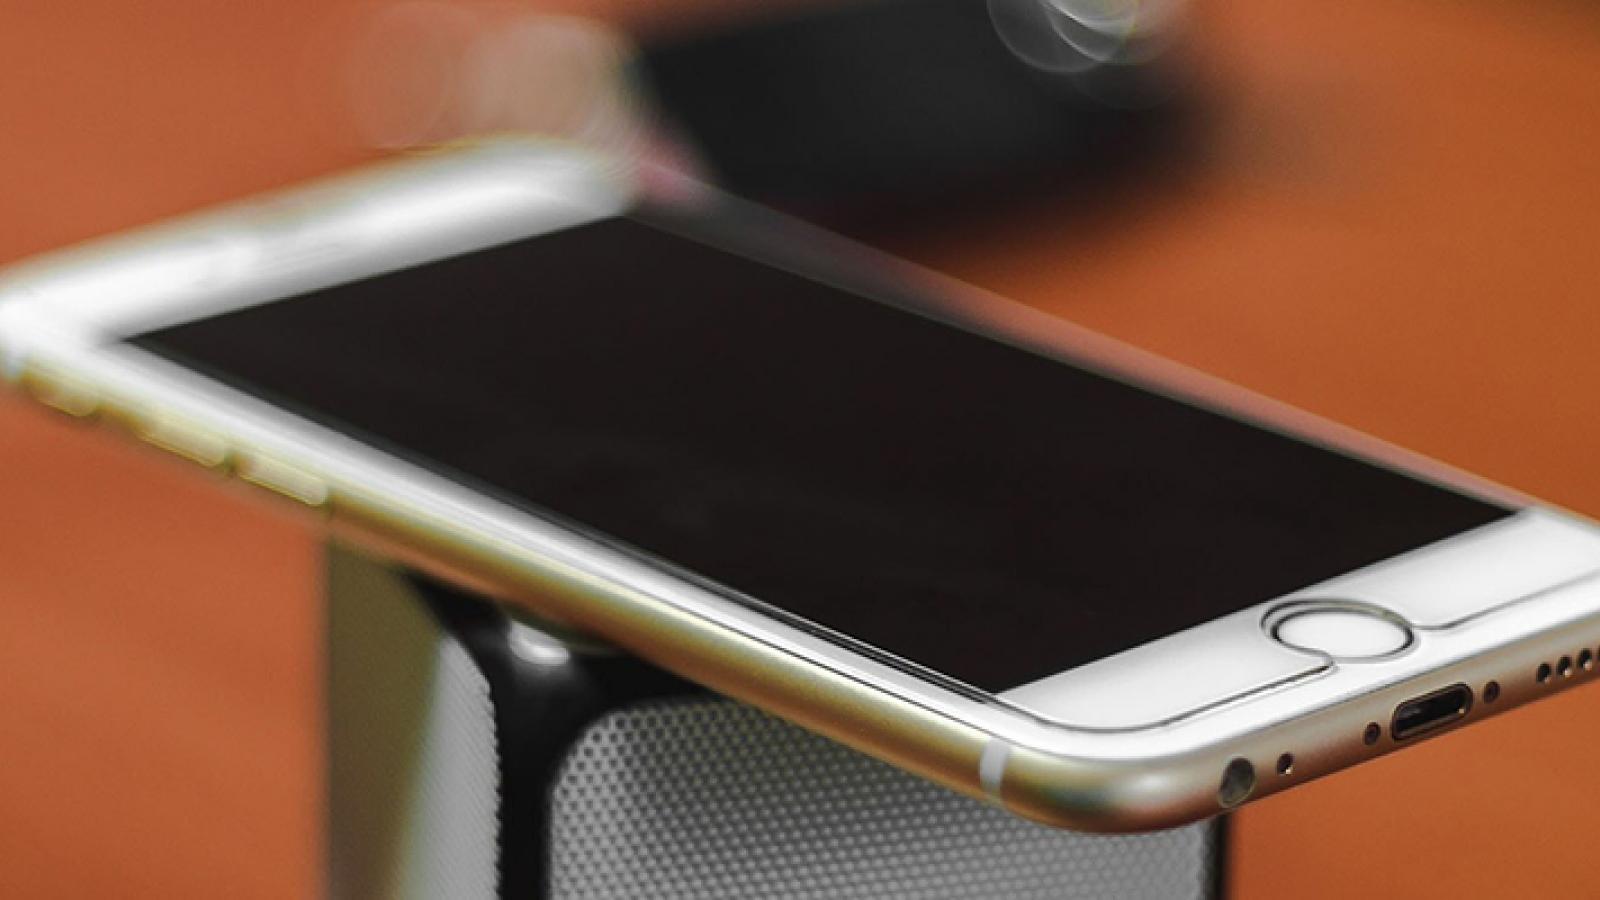 Nhiều iPhone đời cũ vừa nhận bản cập nhật iOS 12.5.4 từ Apple